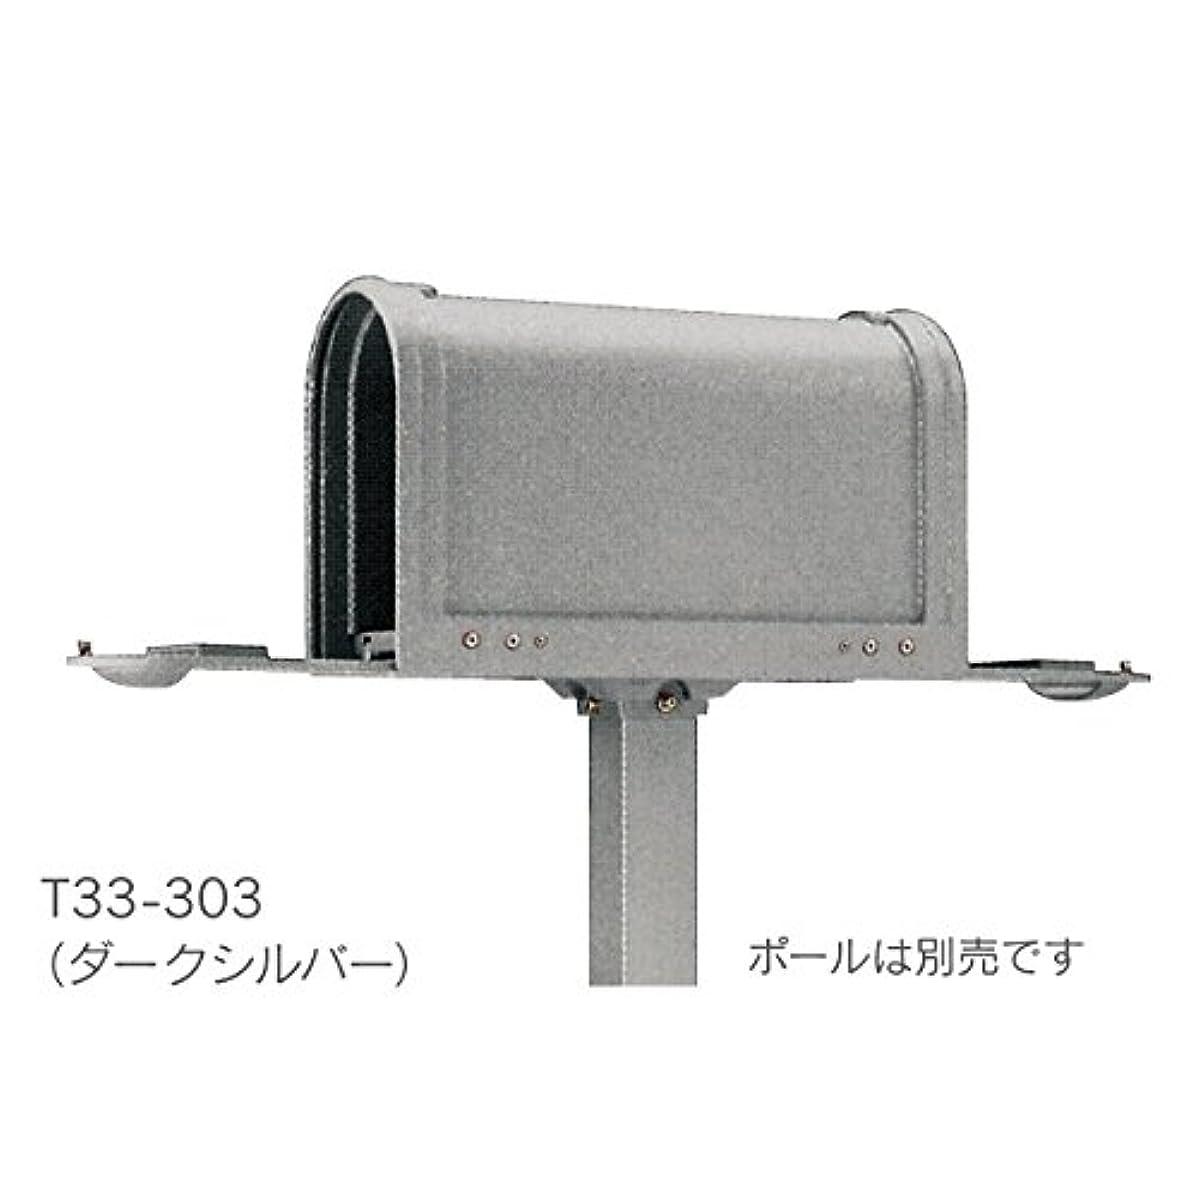 焦げ大事にする消毒剤タマヤ スタンドタイプ 据え置きタイプ兼用 T33-303 『郵便ポスト』 ※ポールは別売りです。 ダークシルバー